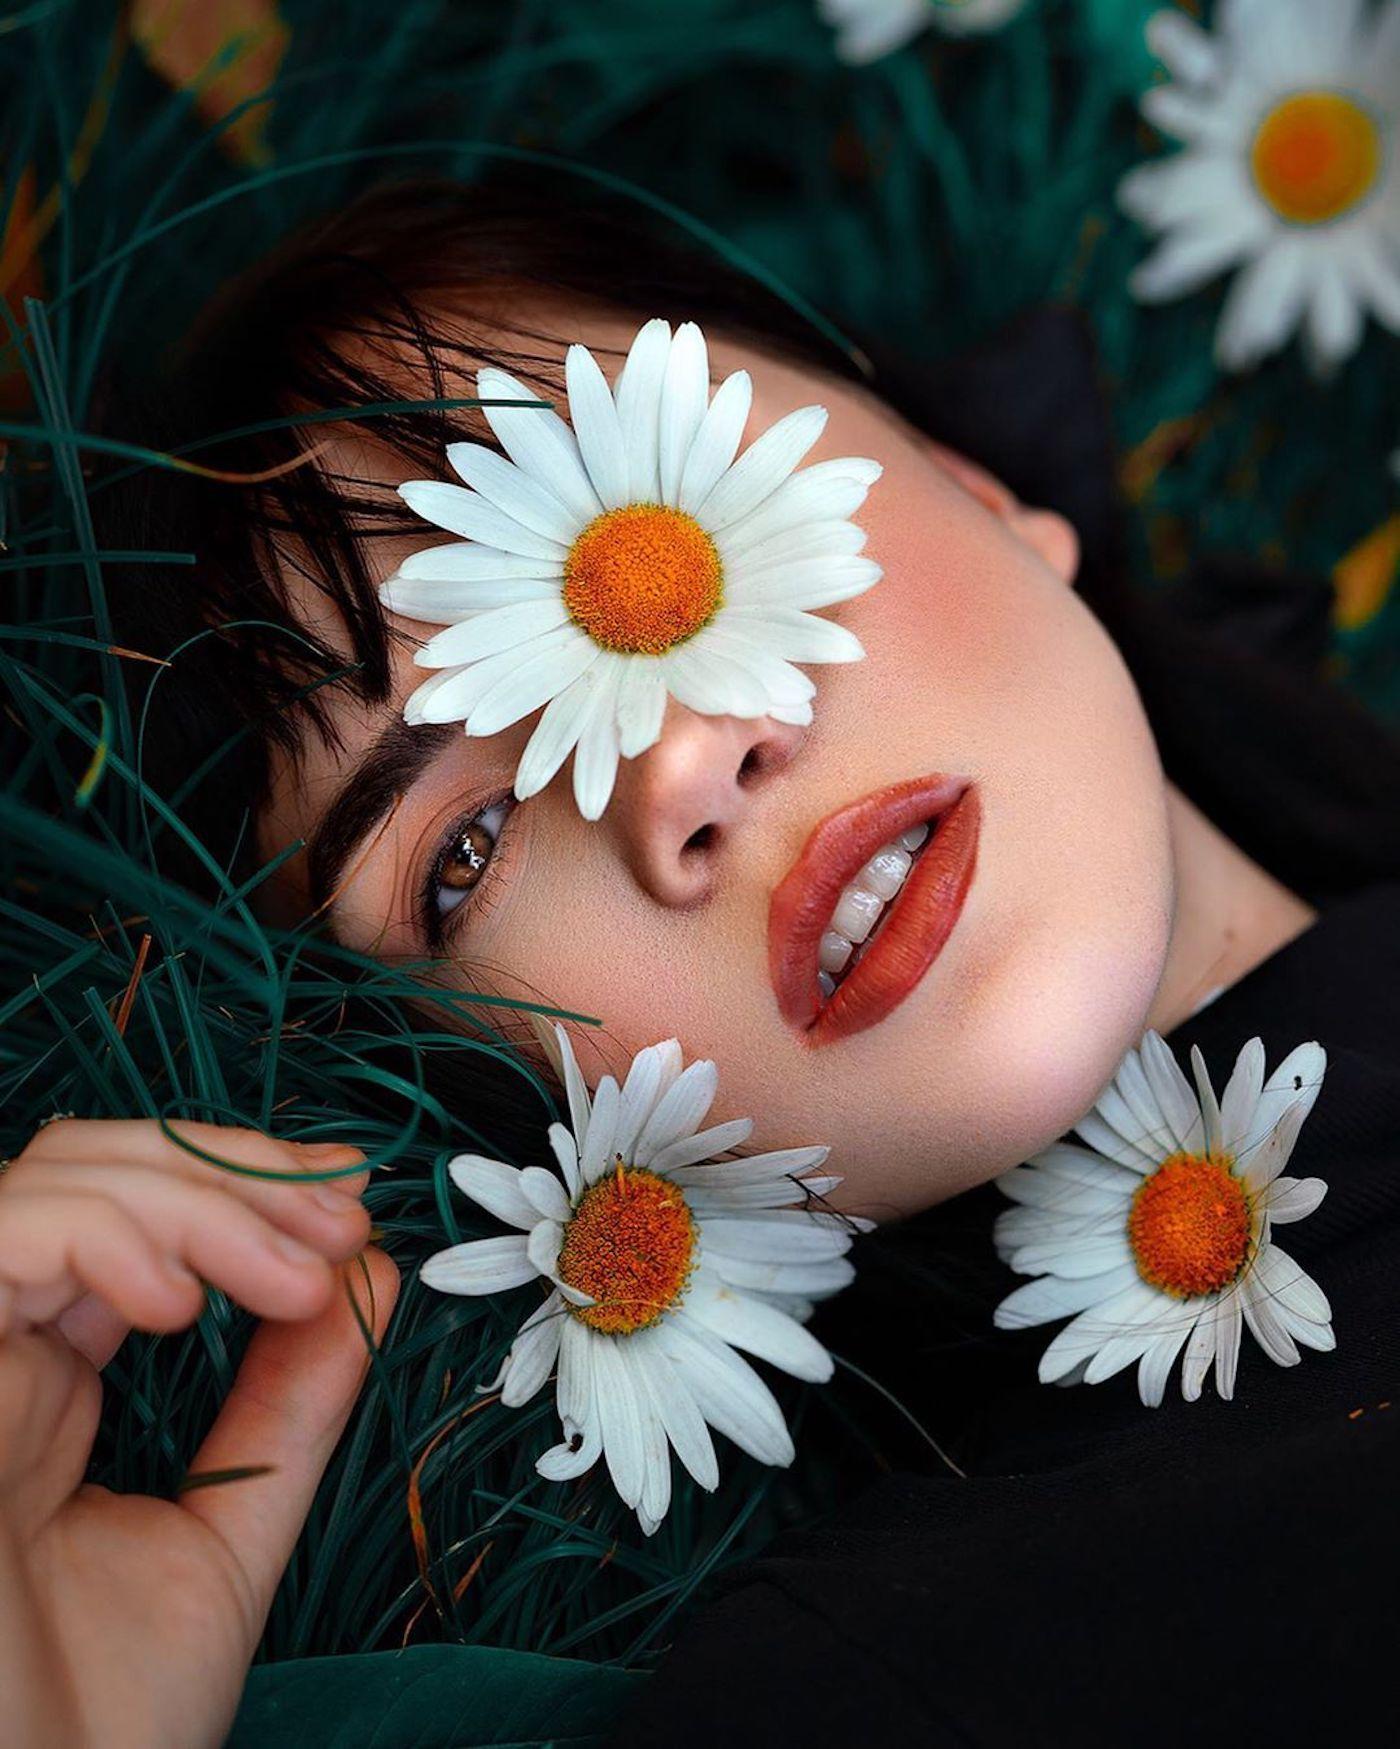 """Ce photographe dévoile les coulisses de """"la photo parfaite""""… et forcément ça casse un peu le mythe"""